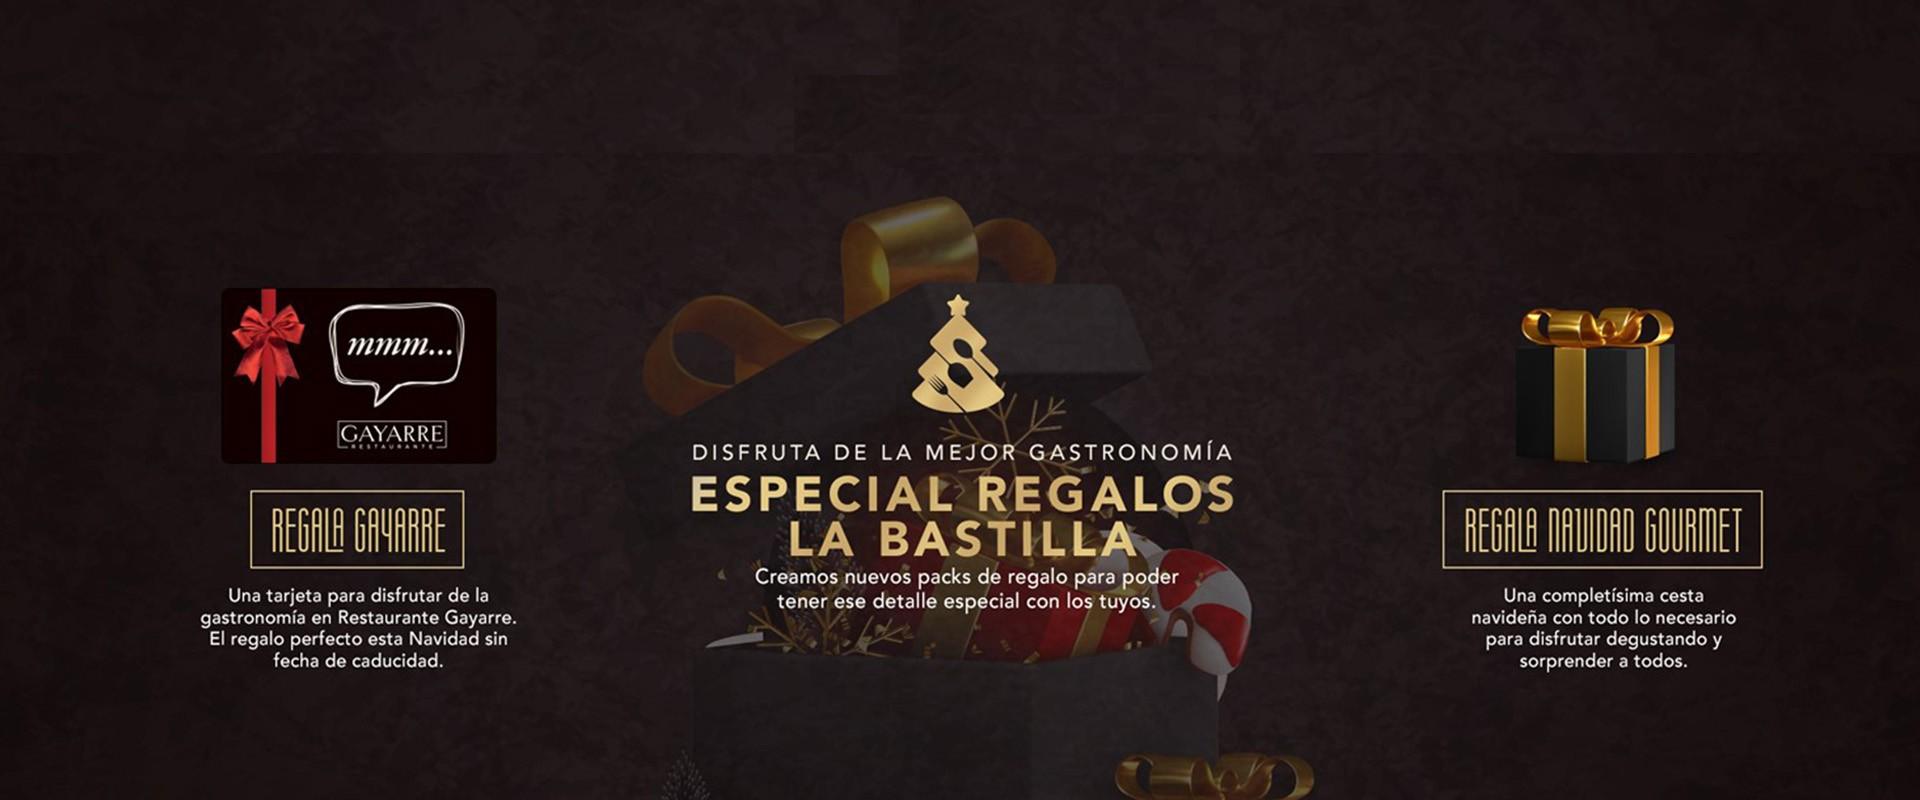 especial-regalos-la-bastilla